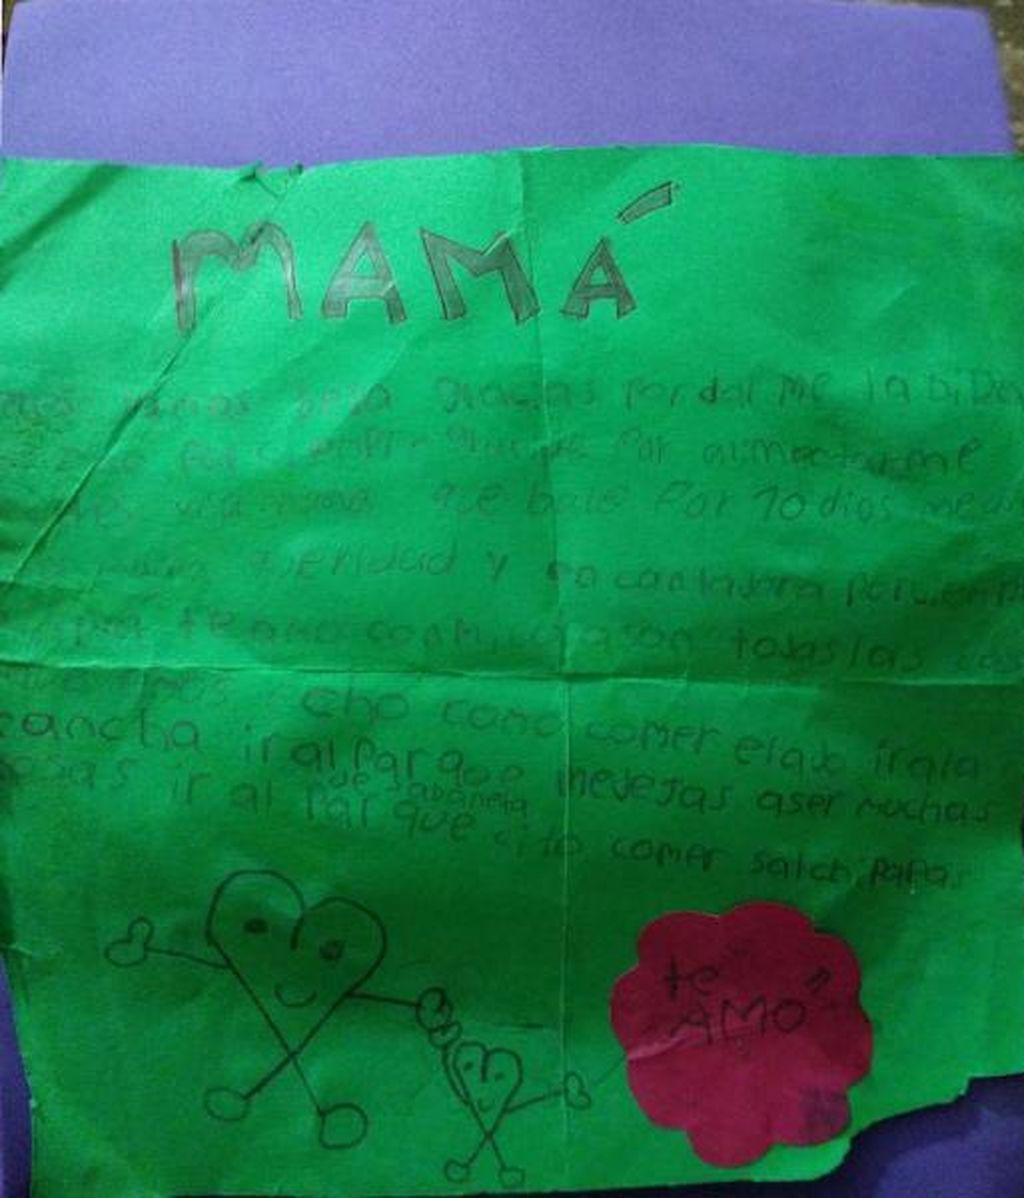 Le escribe una emotiva carta a su madre pero un terrible accidente le impide entregársela